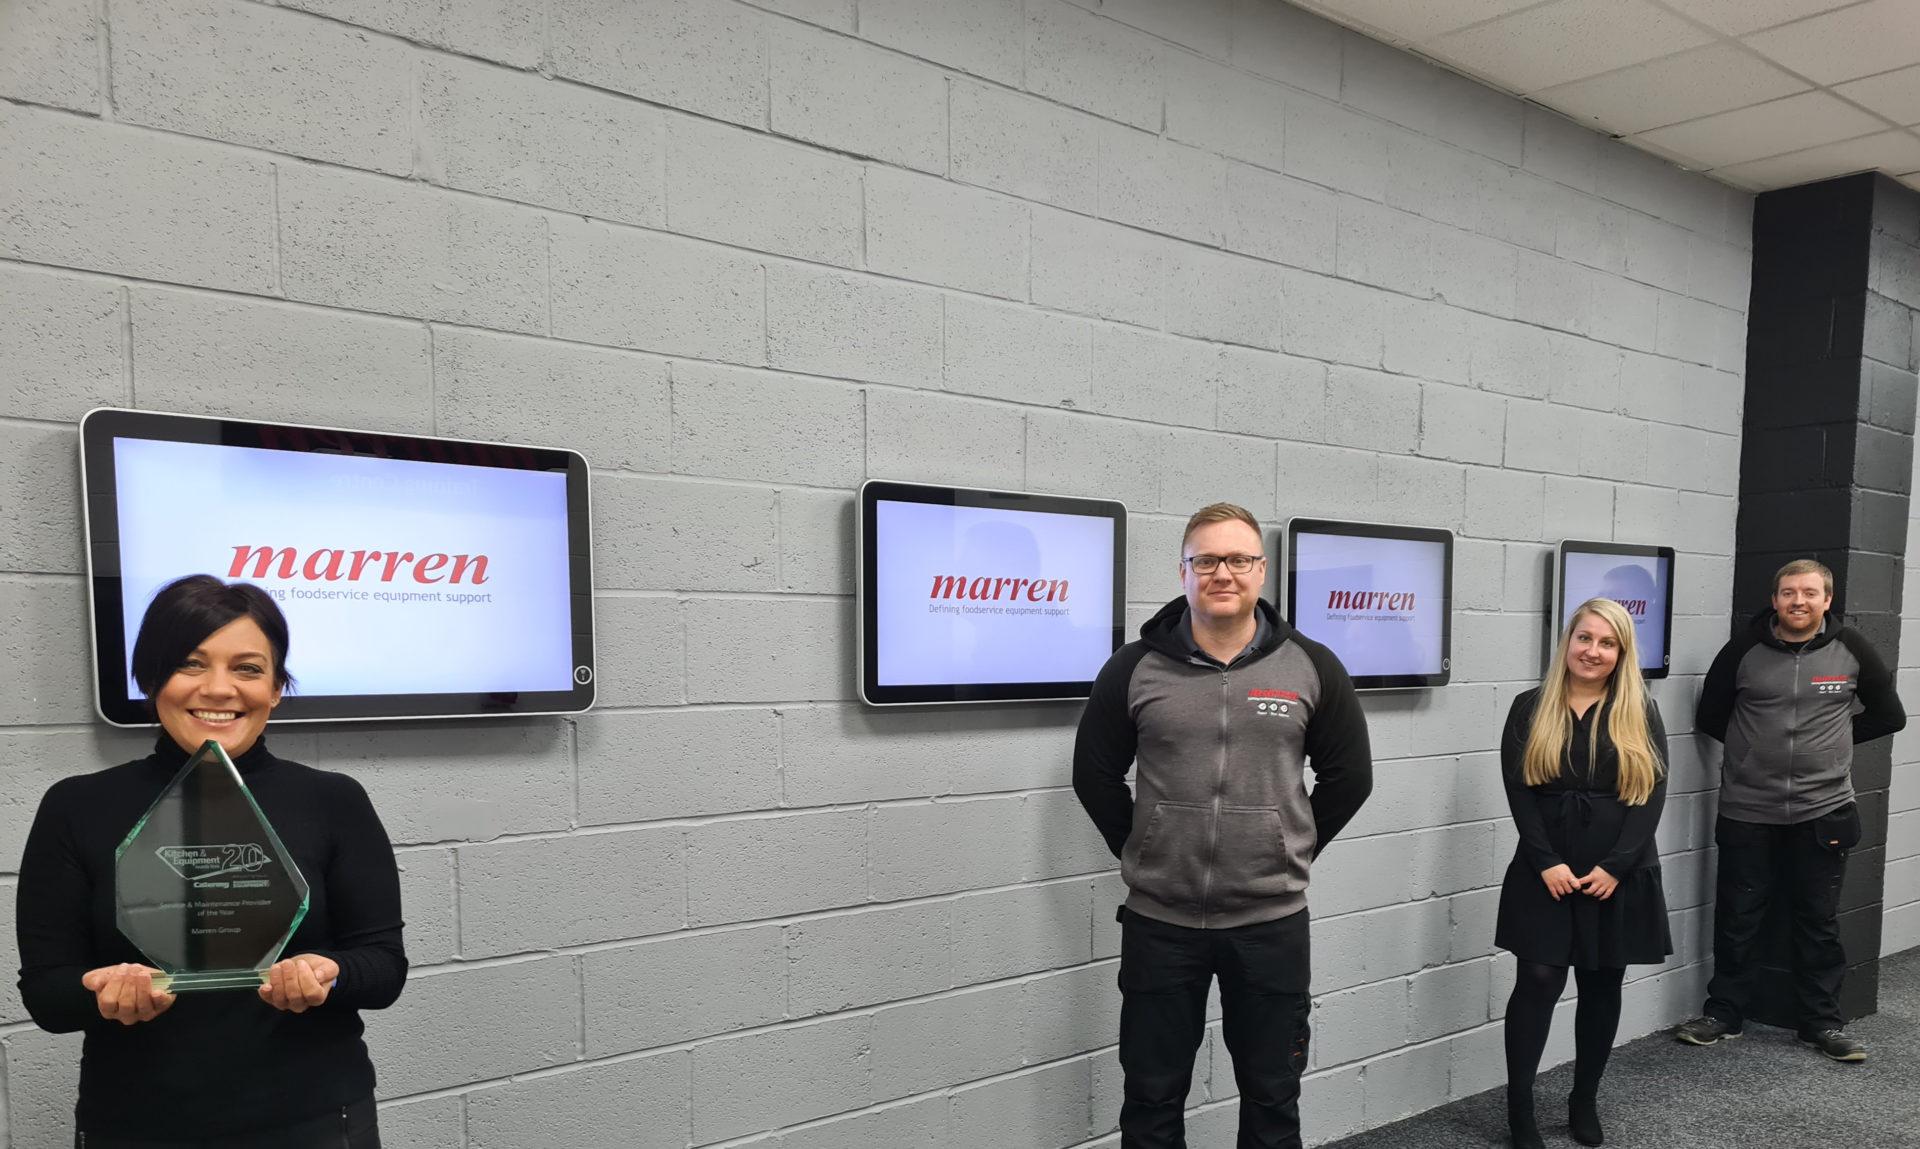 Marren award